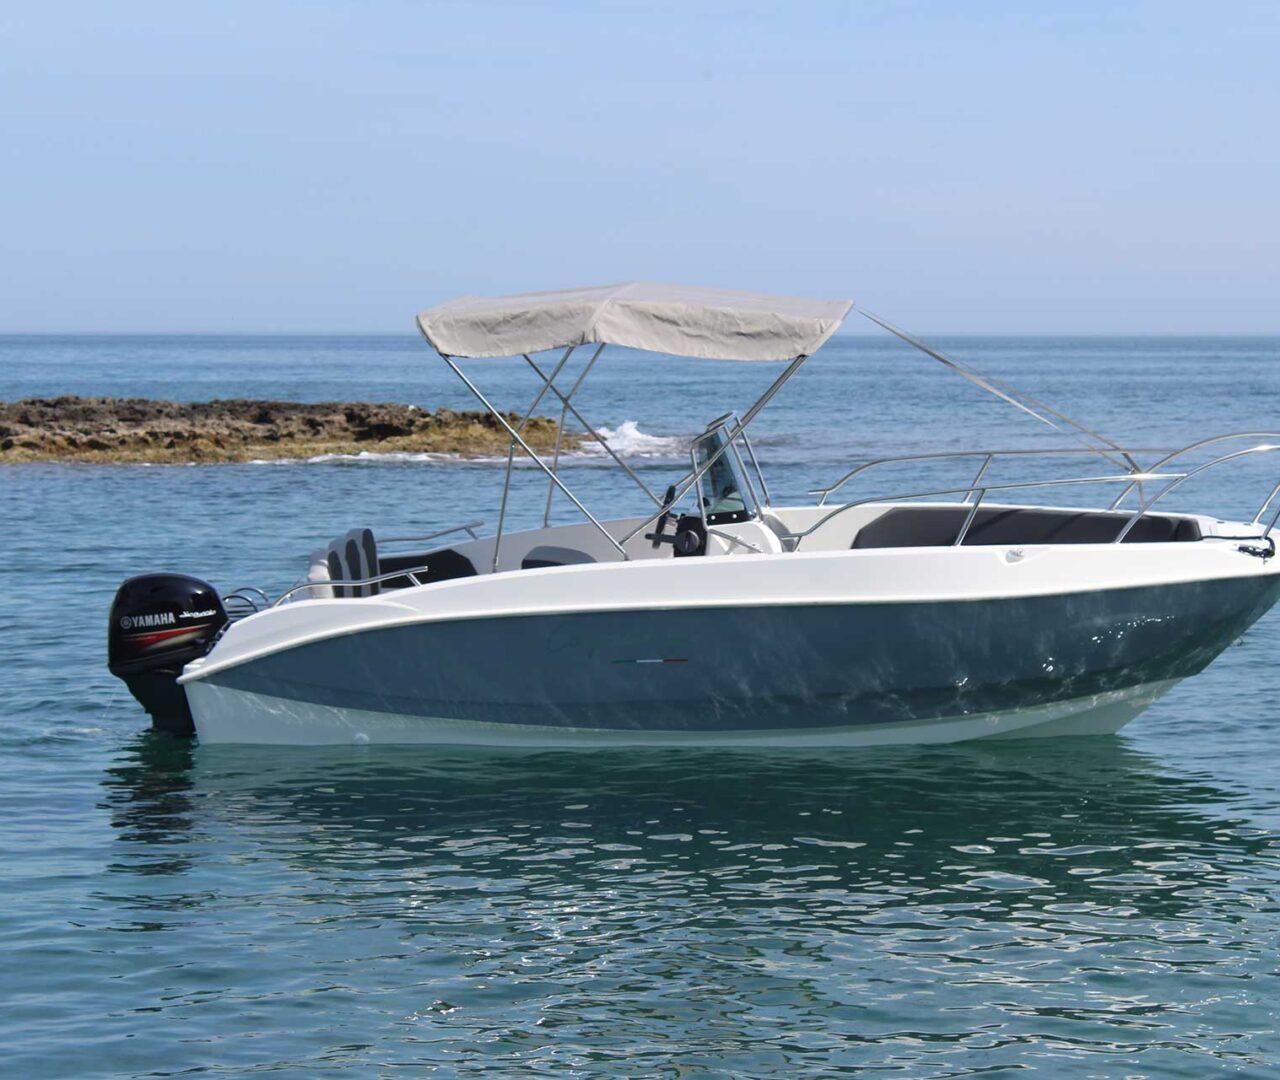 seaward-noleggio-barche-monopoli-luxury-line